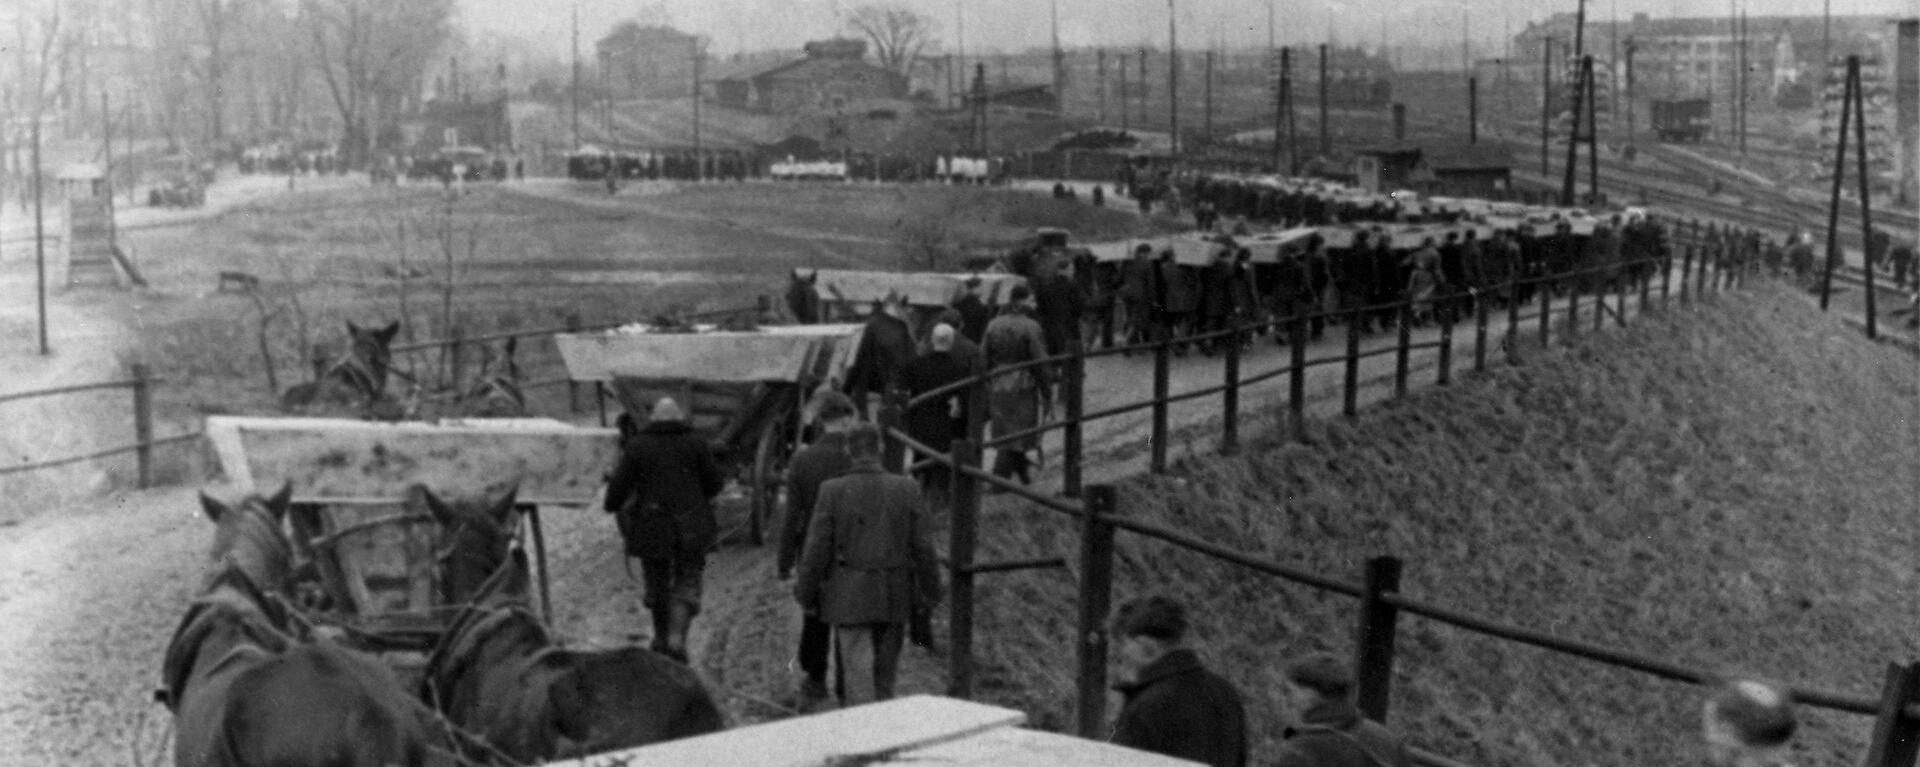 Похороны погибших узников, освобожденного Красной Армией концентрационного лагеря Освенцим - Sputnik Таджикистан, 1920, 27.01.2020